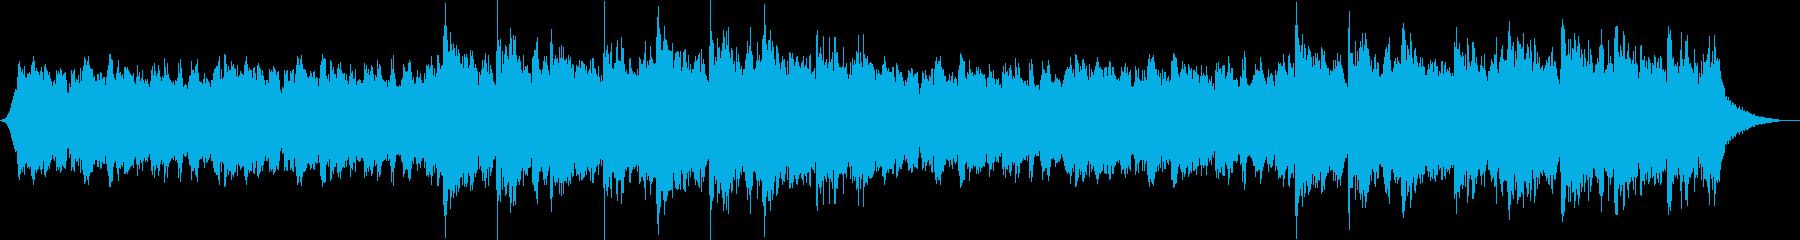 シネマティックなピアノとストリングス2Lの再生済みの波形